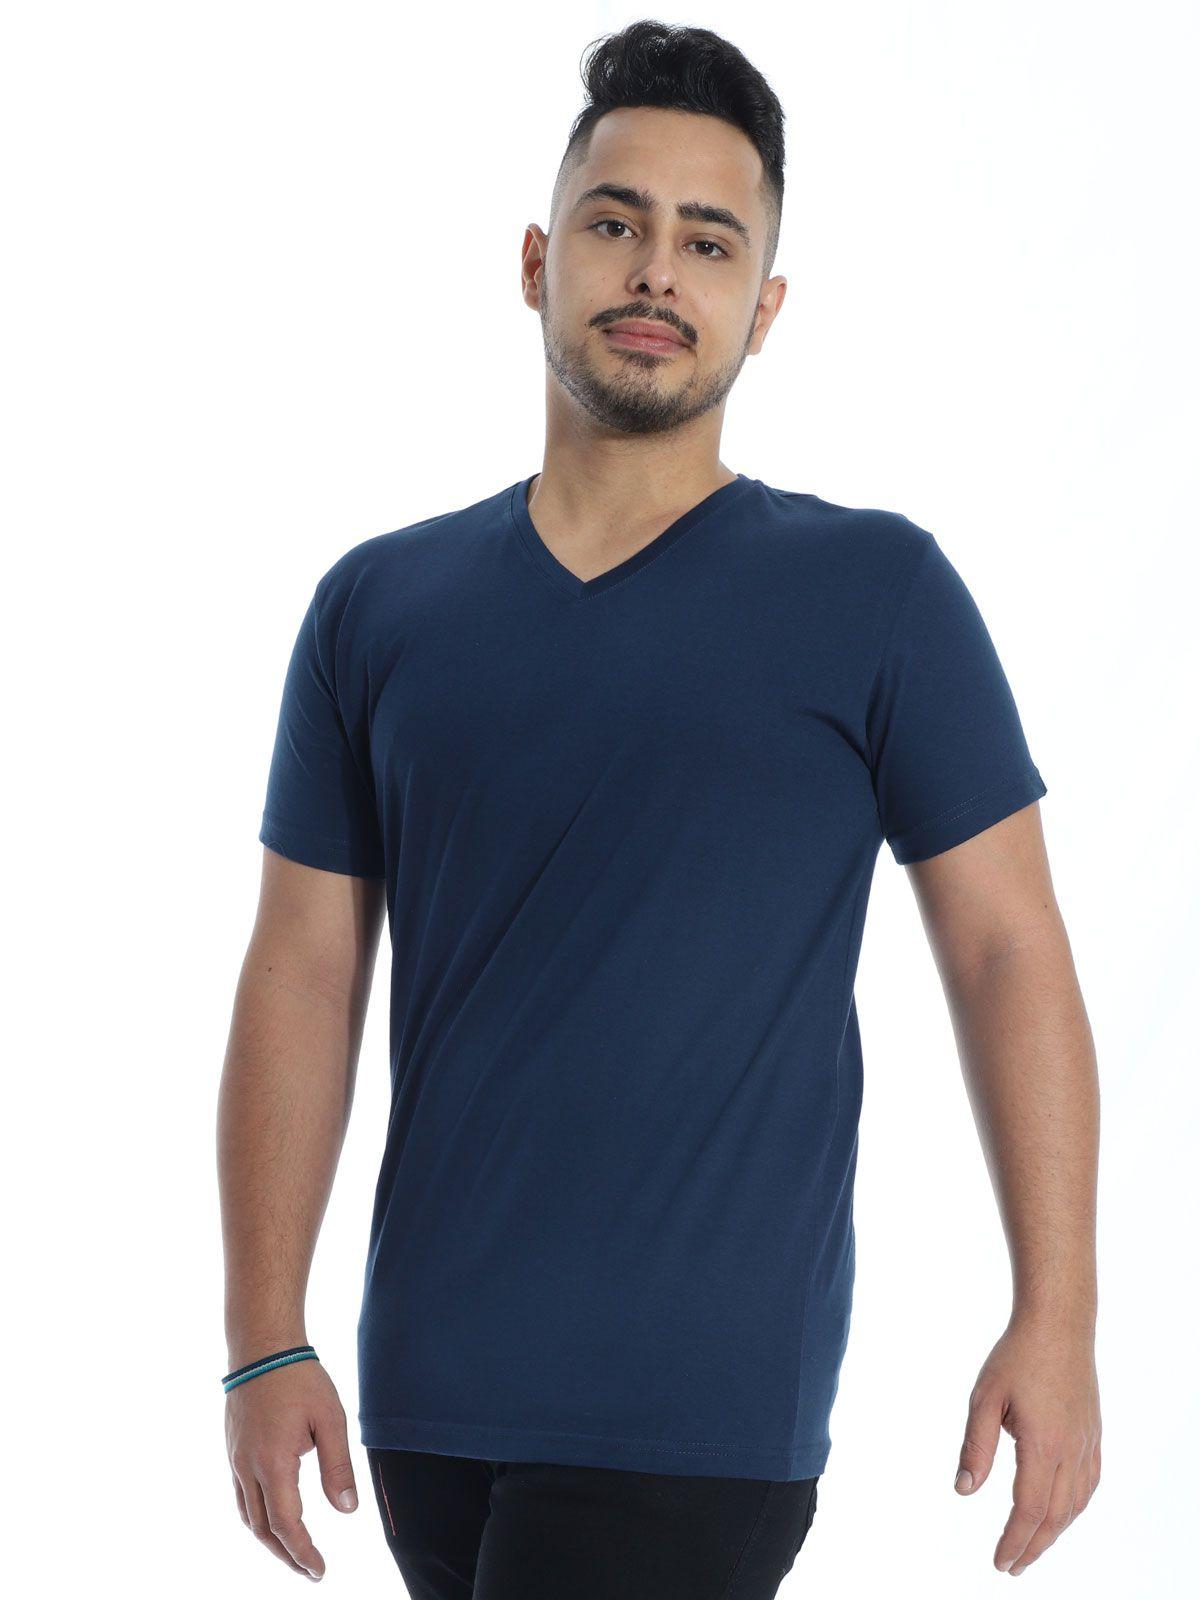 Camiseta Masculina Decote V. Algodão Slim Fit Lisa Marinho